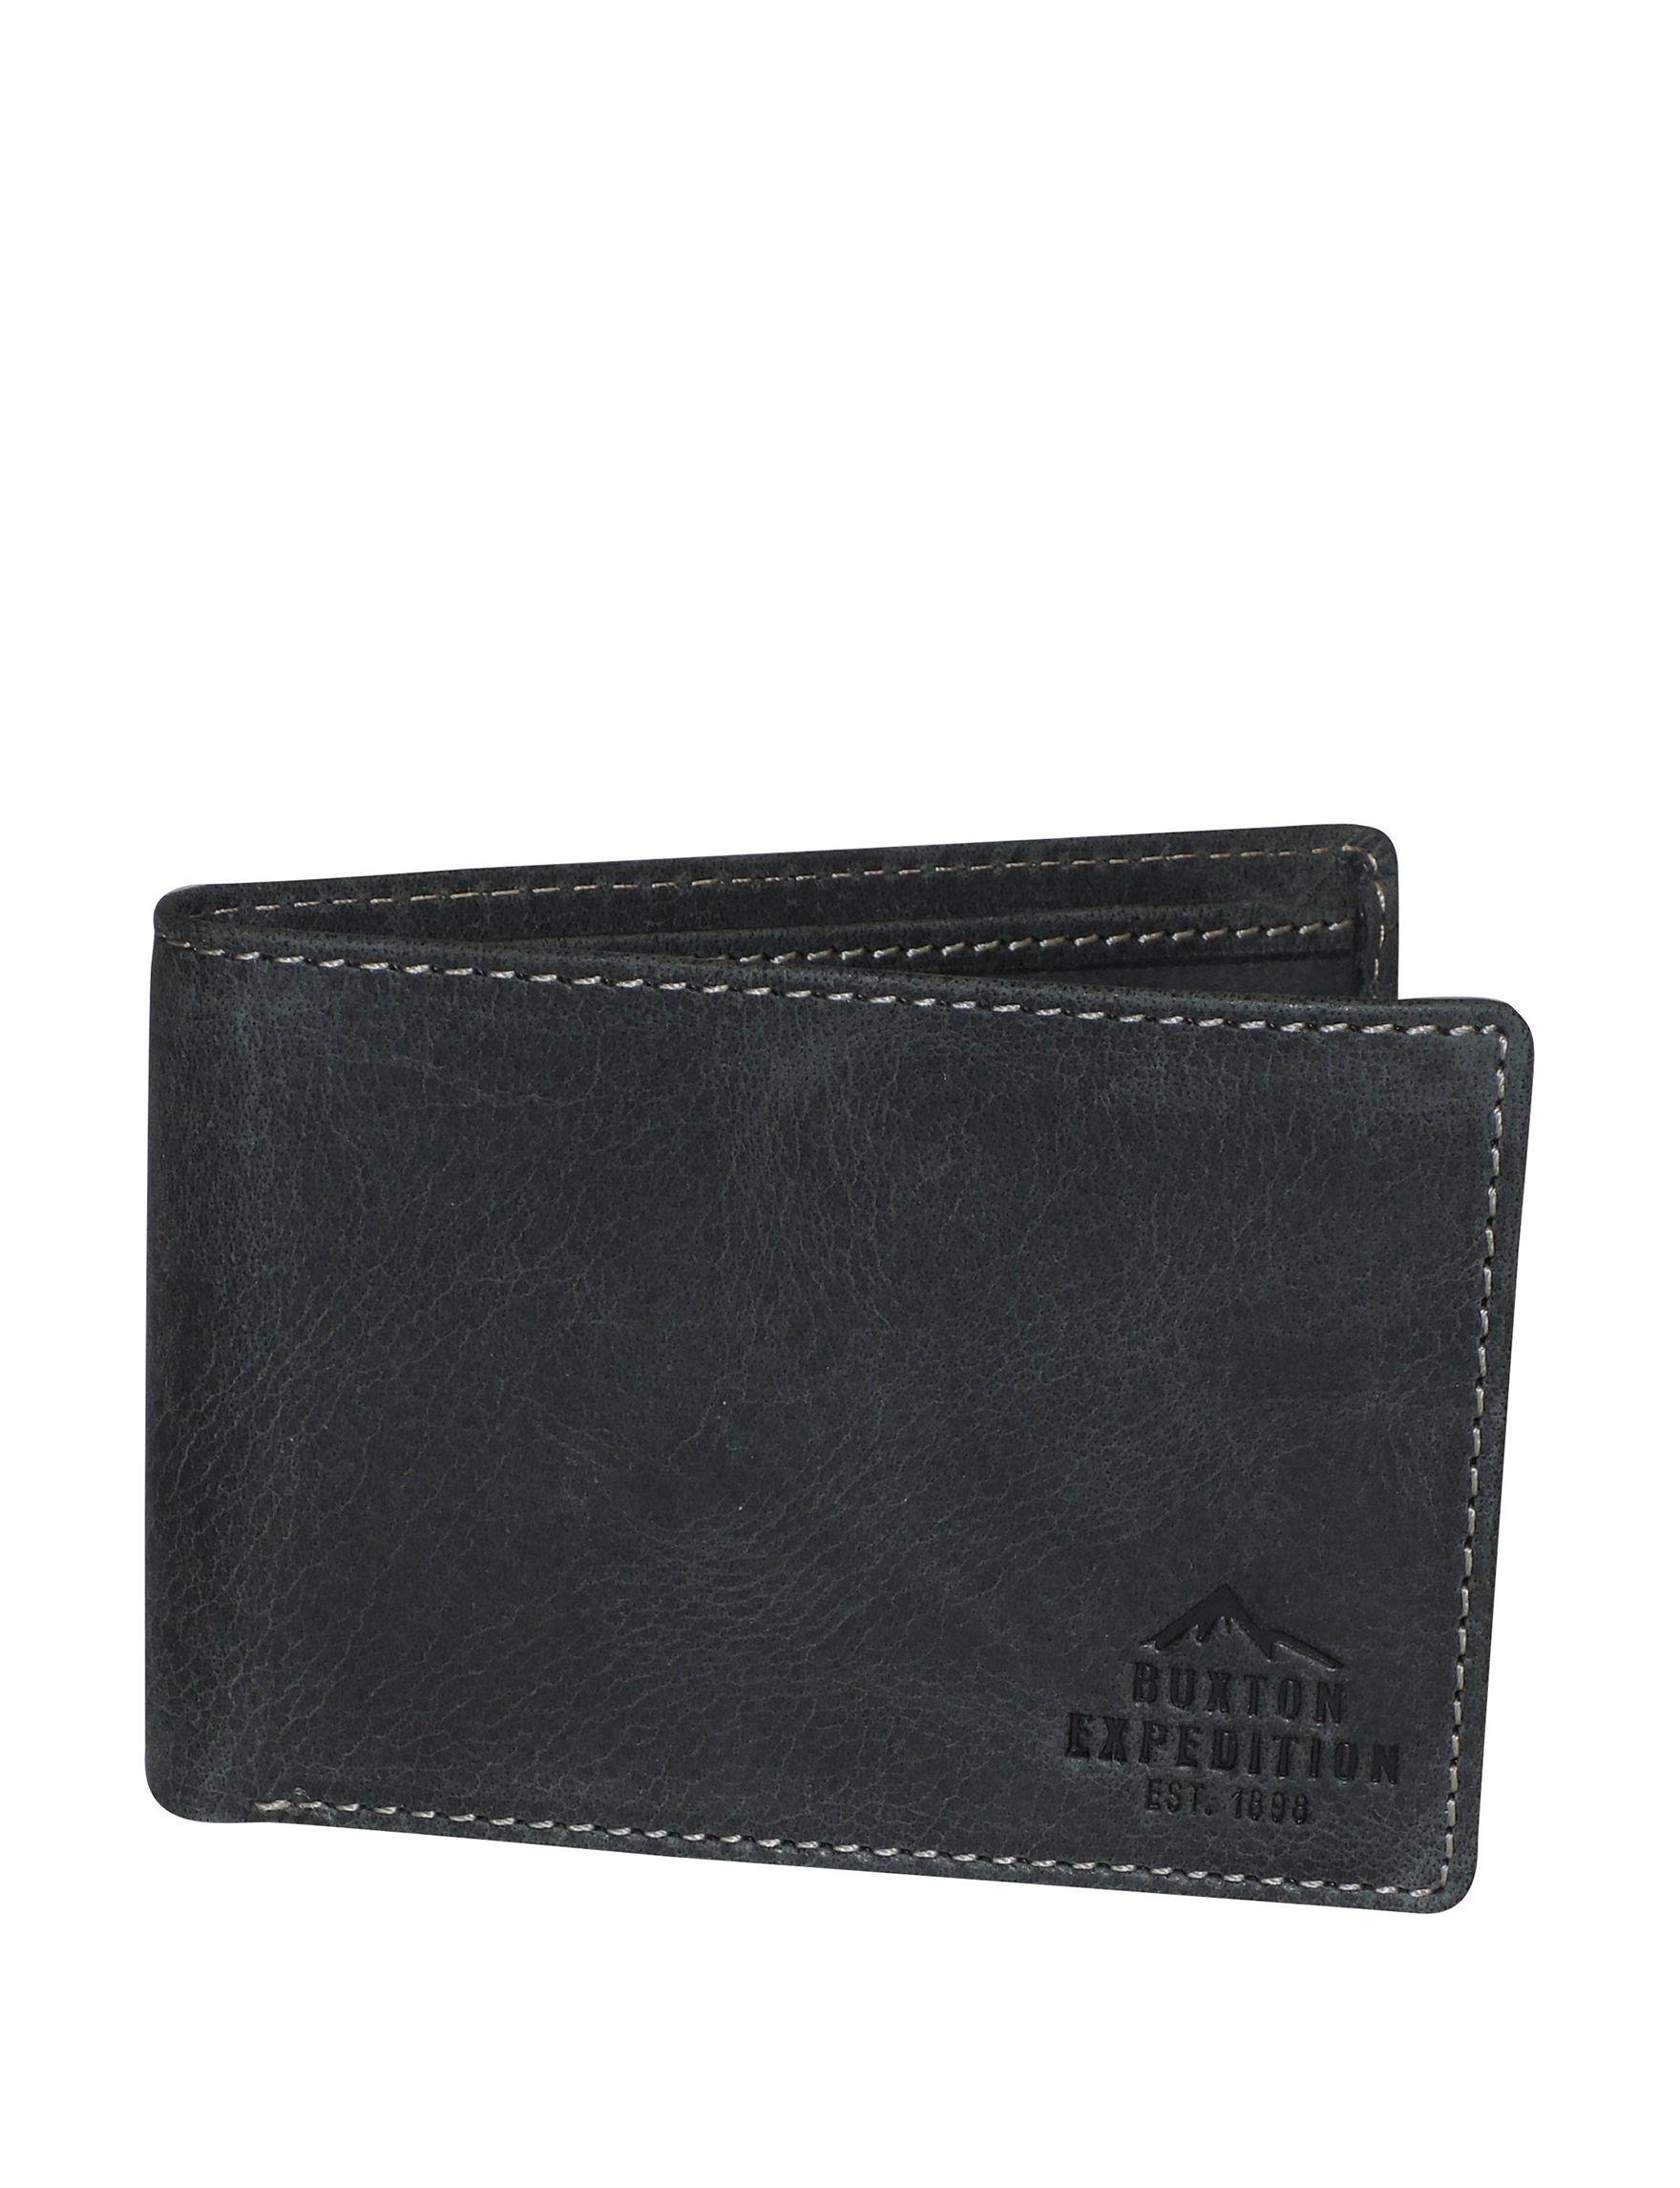 Buxton Black Bi-fold Wallets